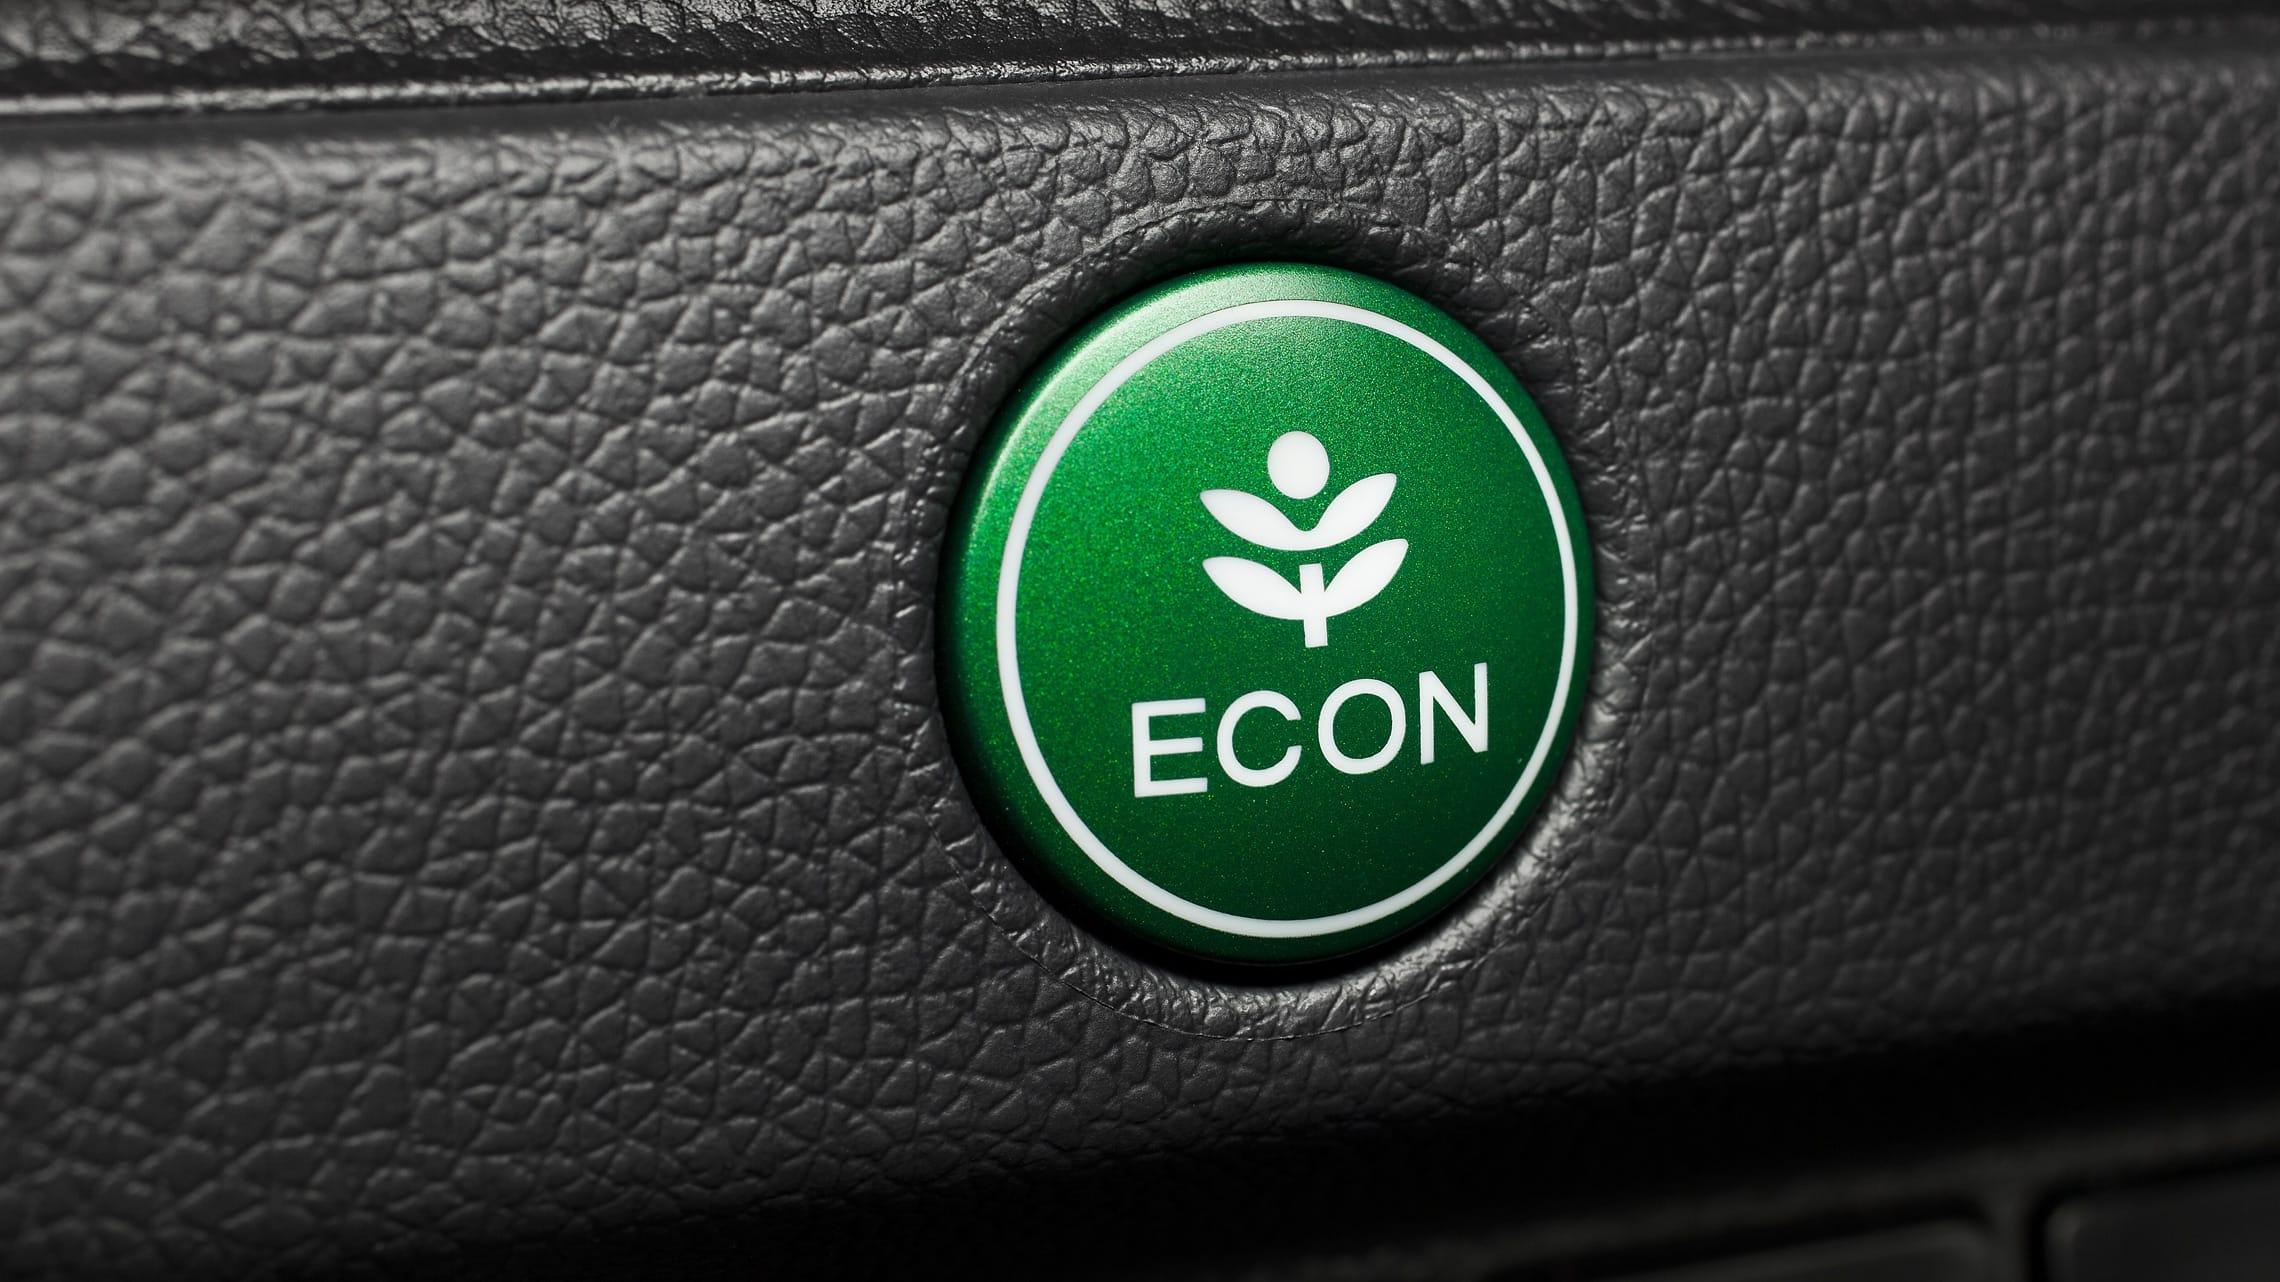 Detalle del botón ECON verde en el Honda Fit EX-L2020.